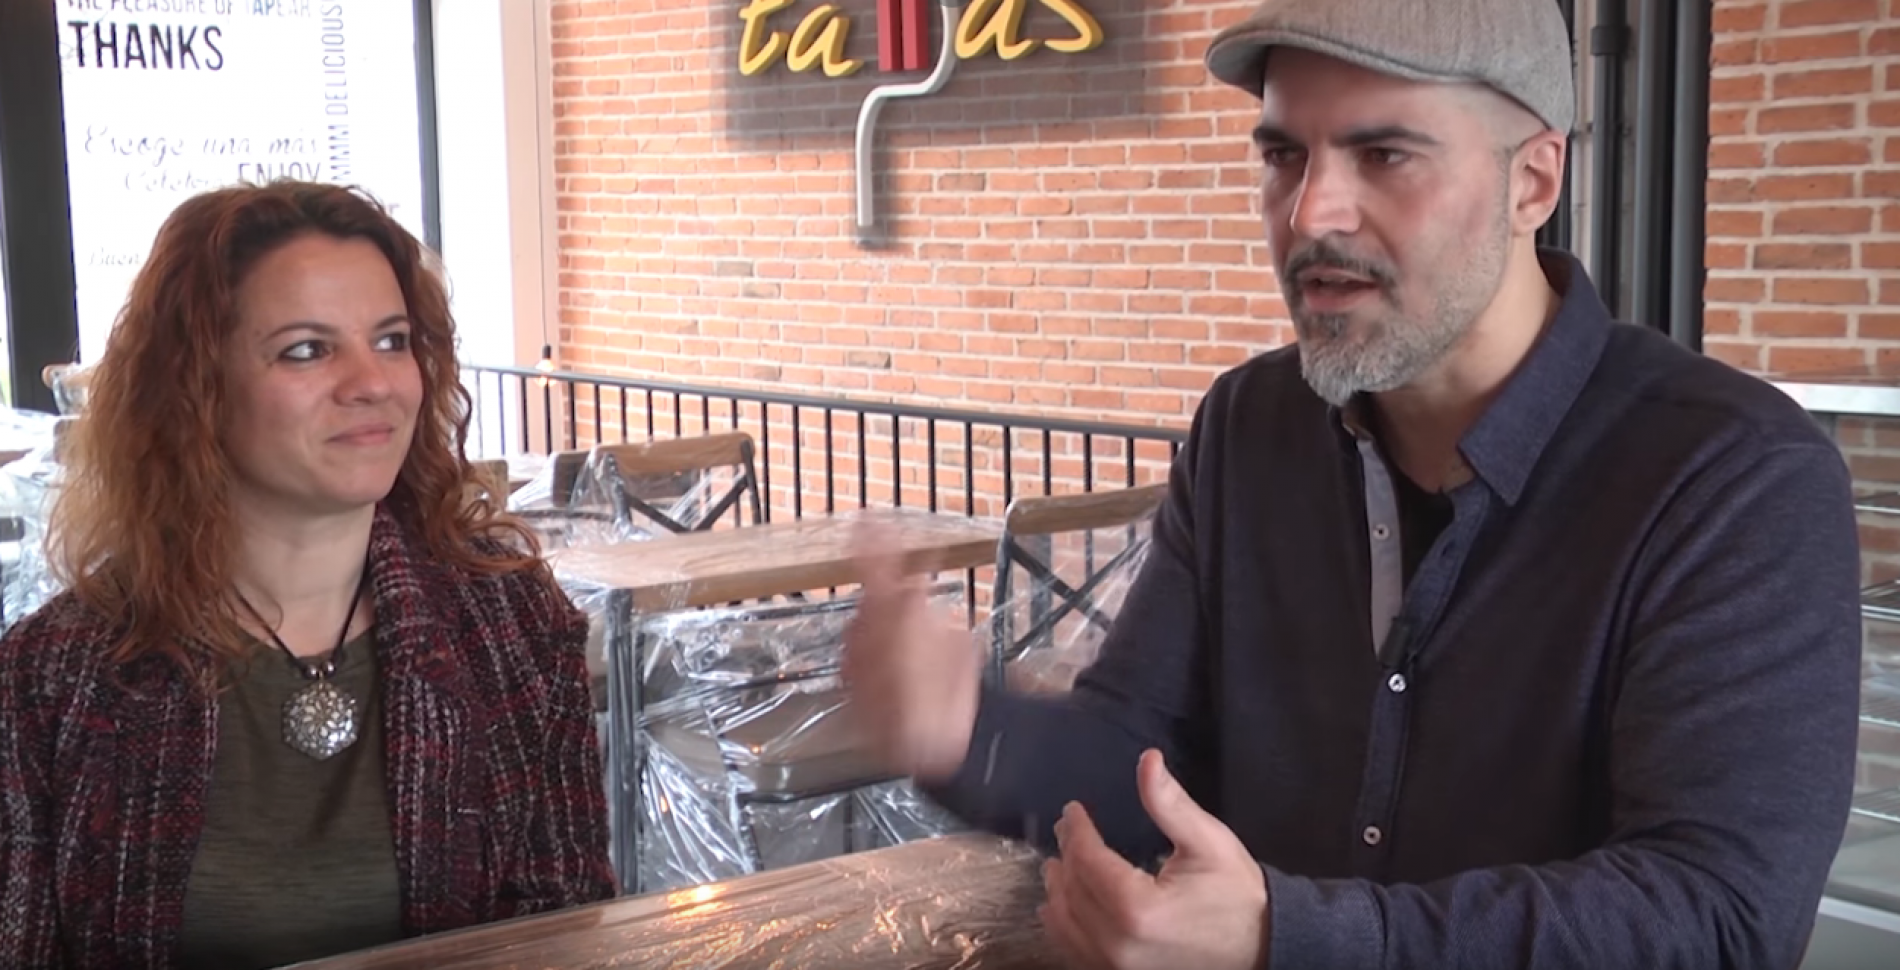 Andaluziju zamijenili Hercegovinom: Život ovdje je lijep, vjerujte mi! (VIDEO)